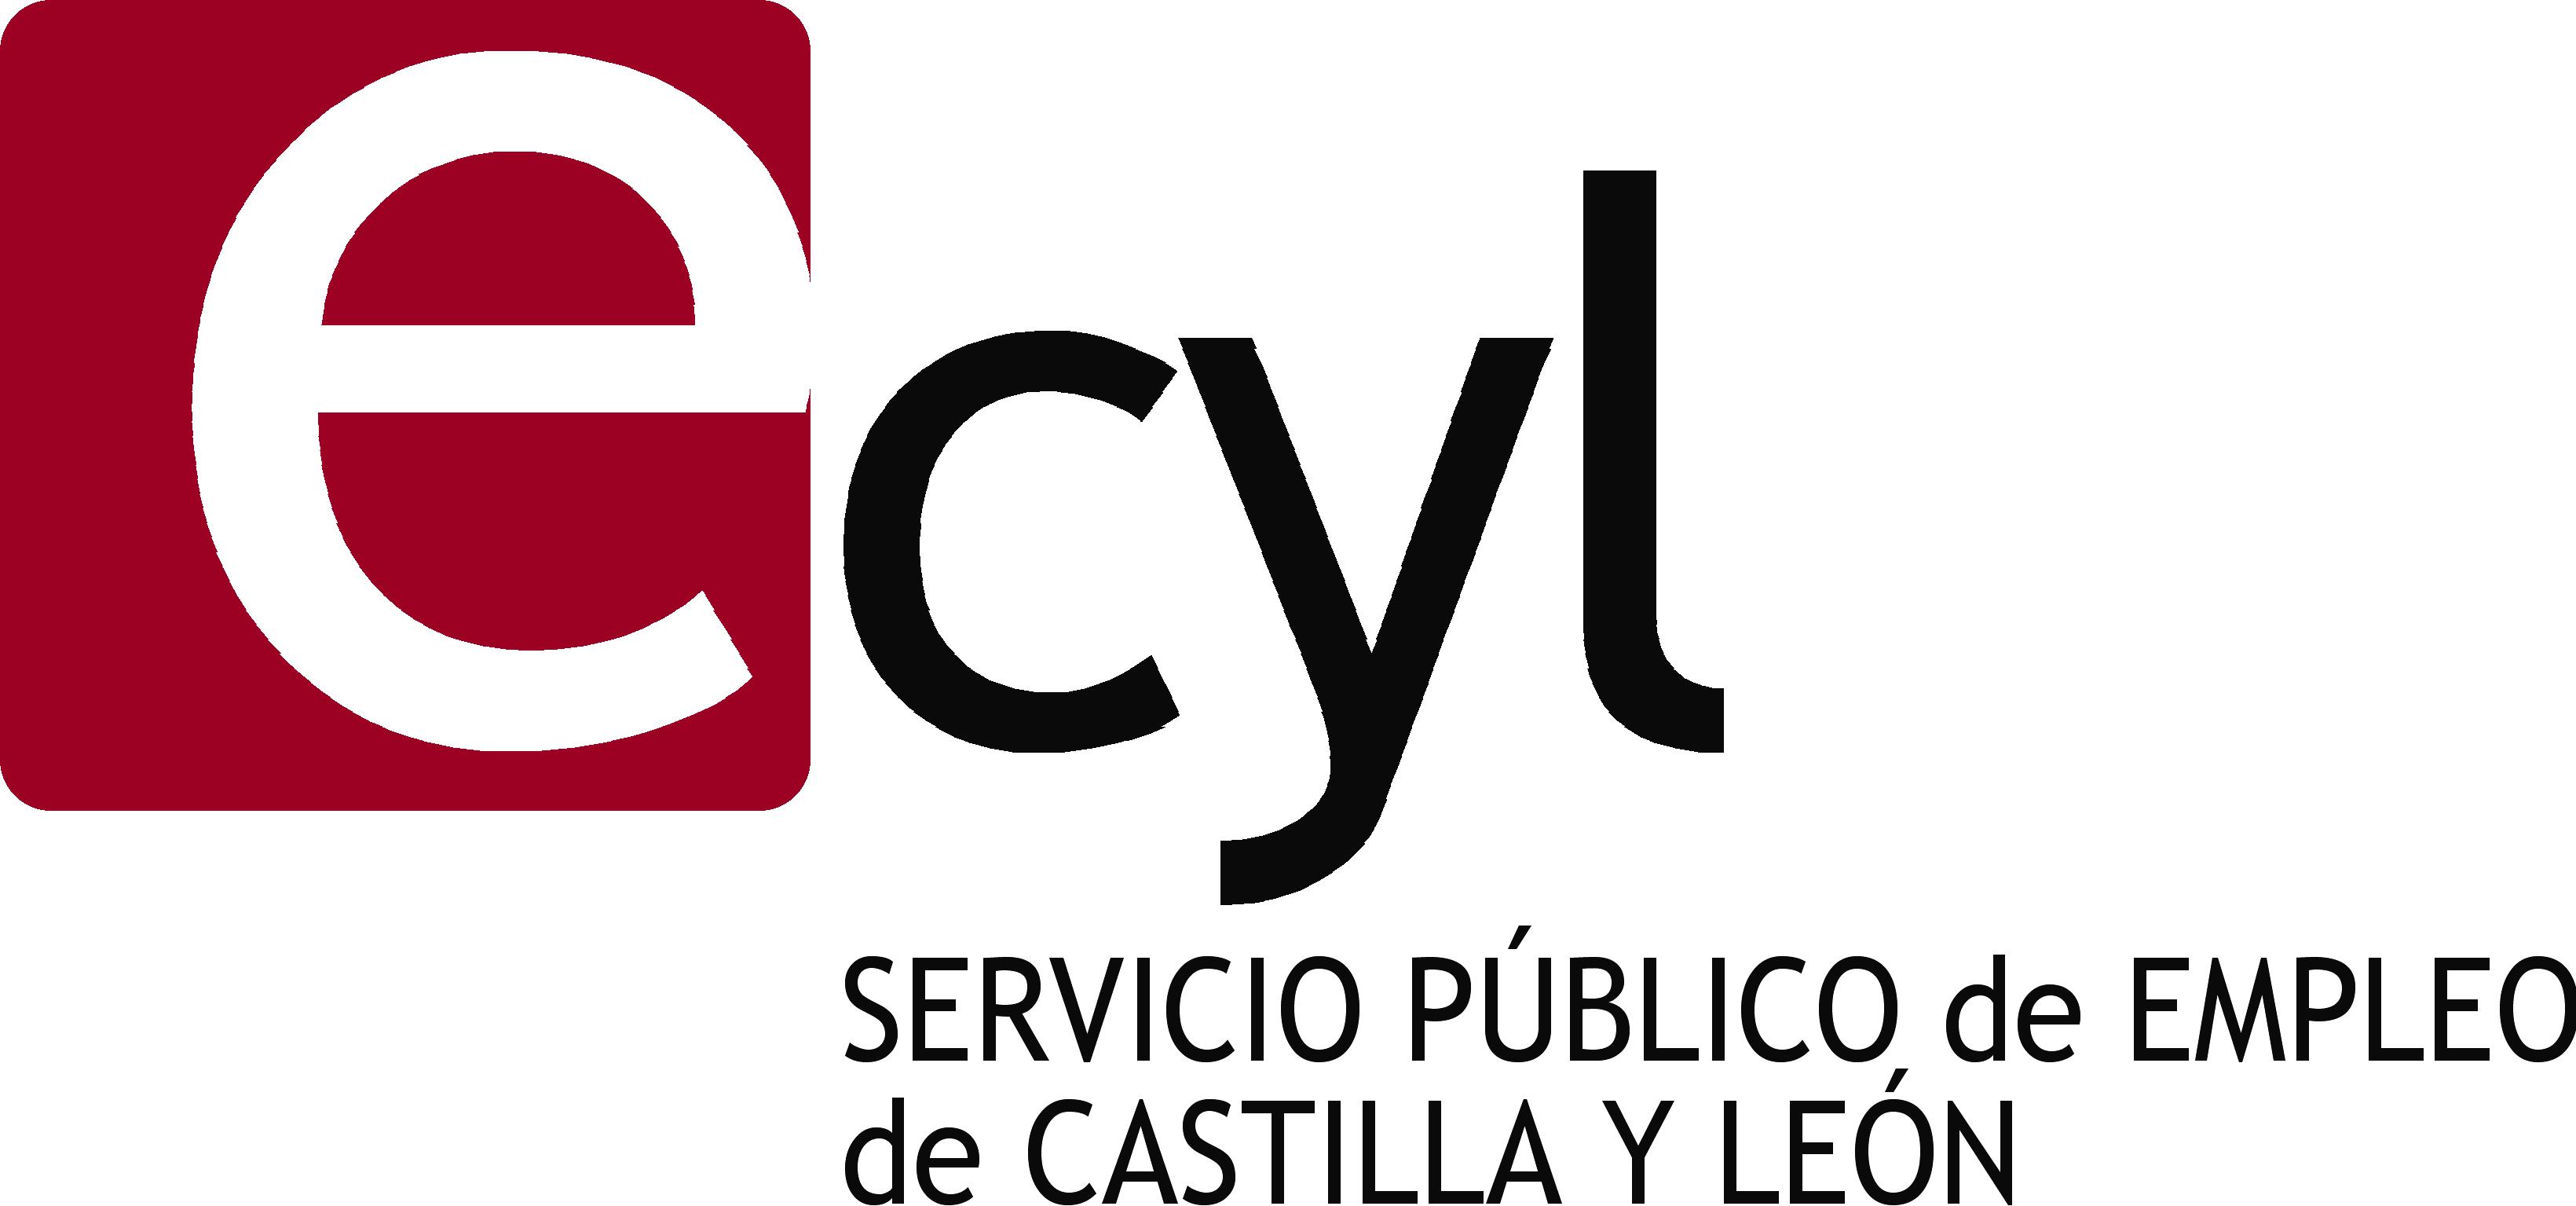 Enlace a Empleo Junta de Castilla y León